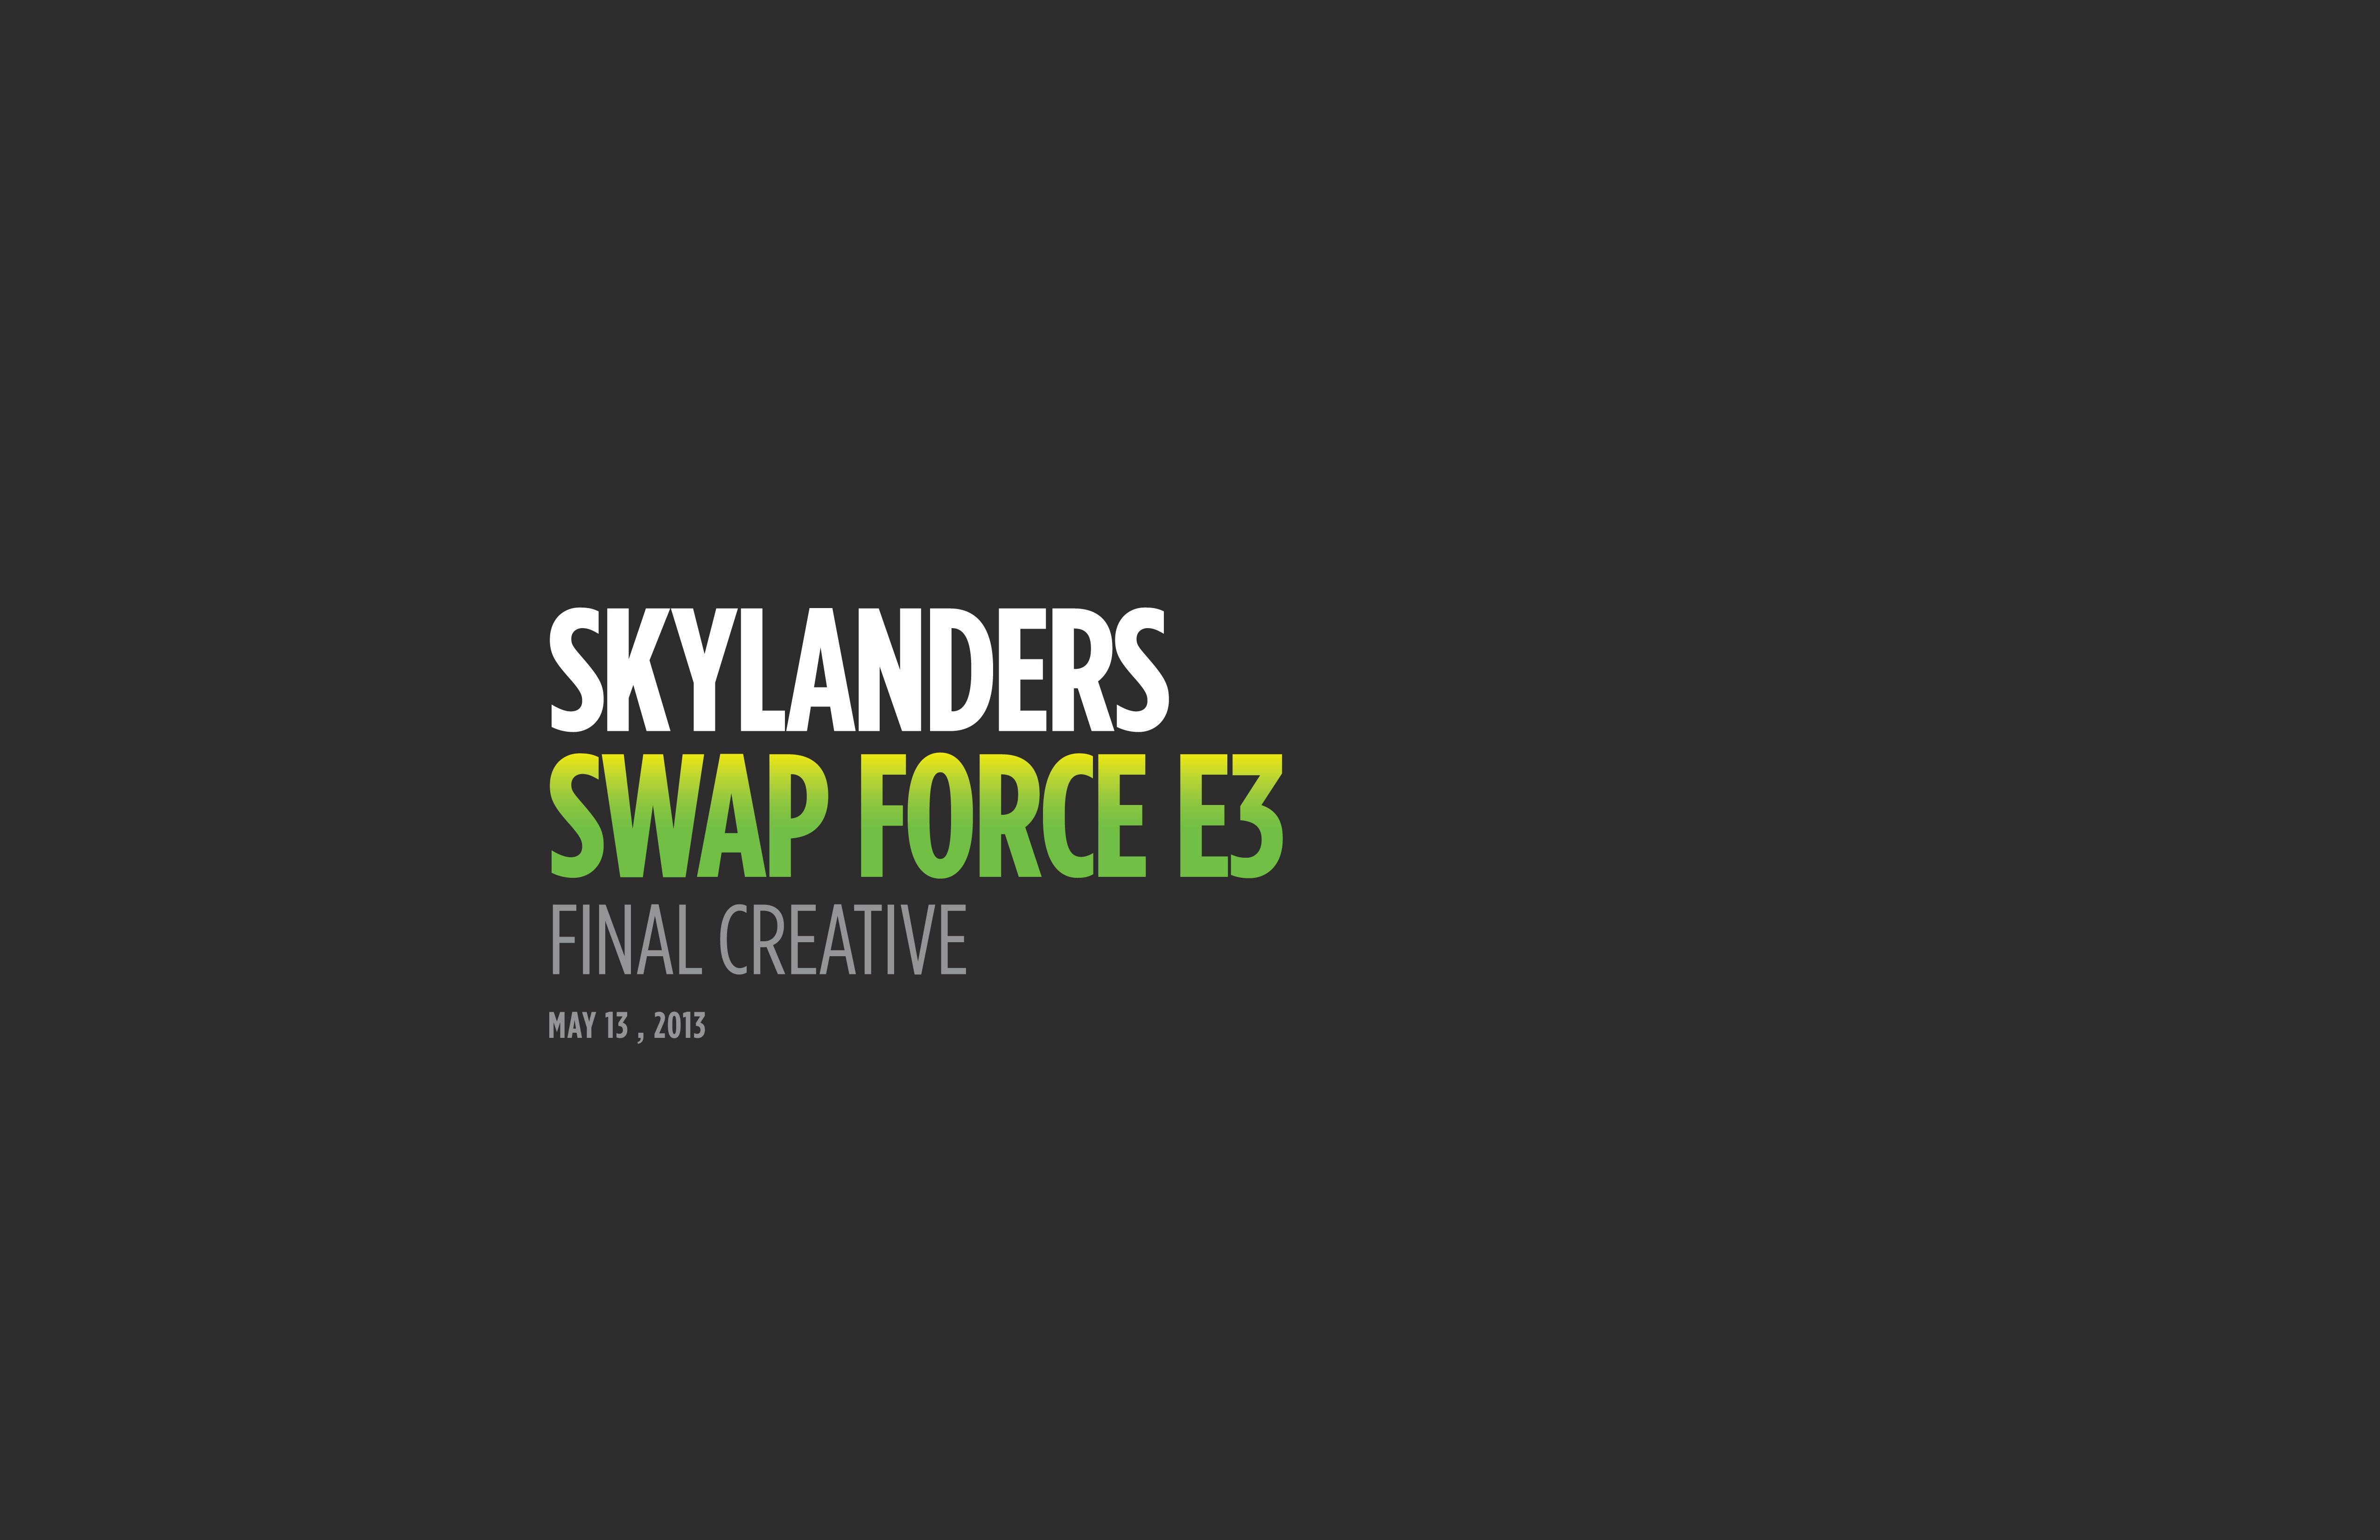 SwapForce_E3_R3_V2-1